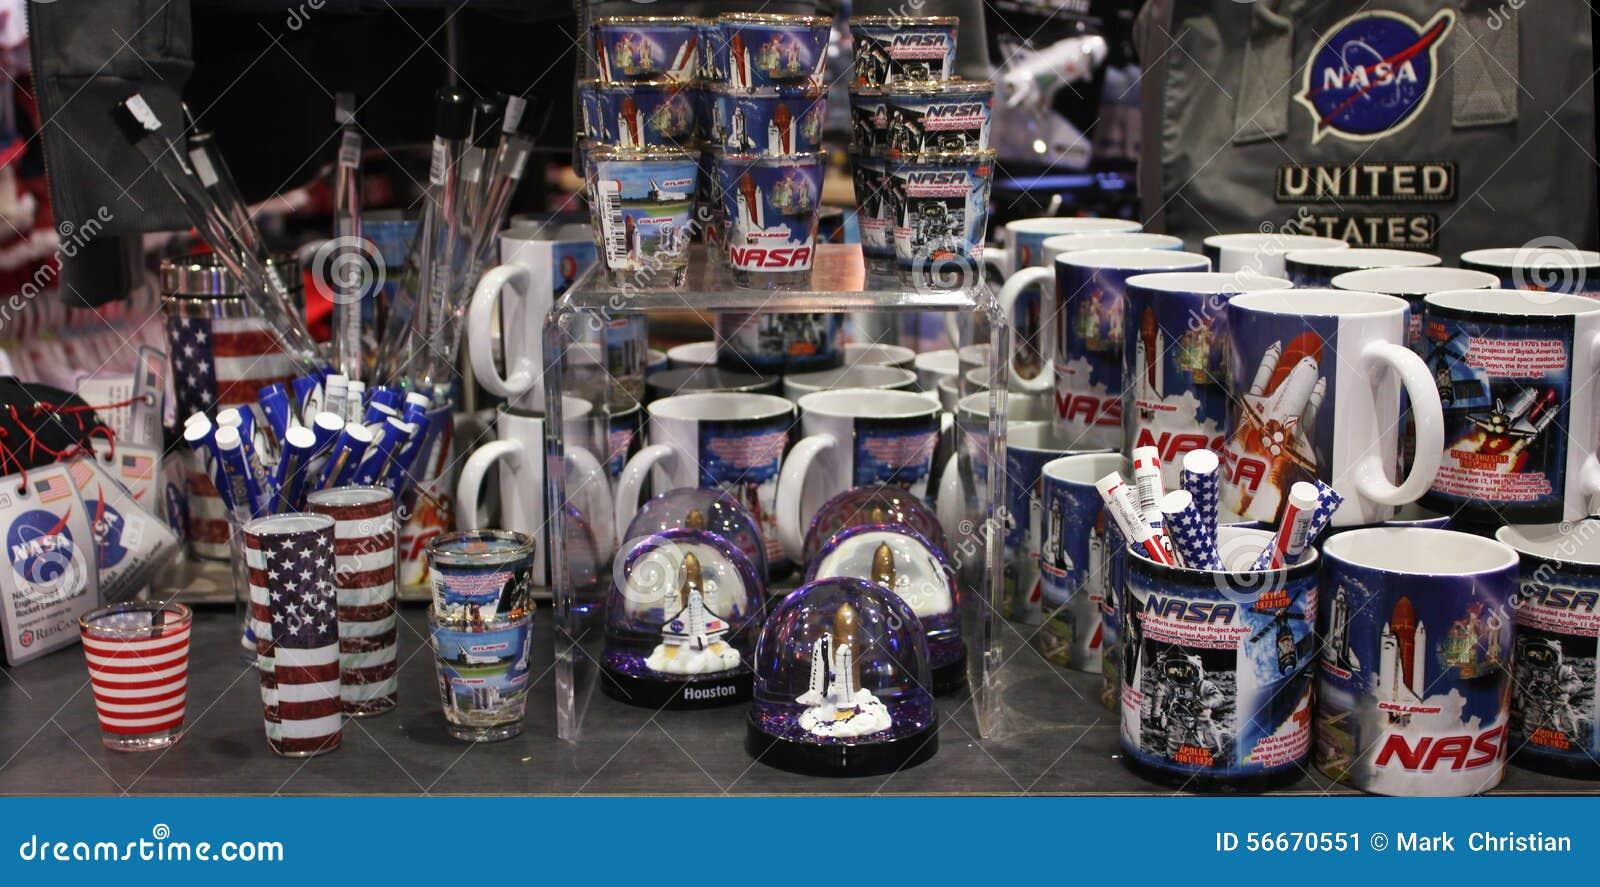 nasa merchandise store - photo #18